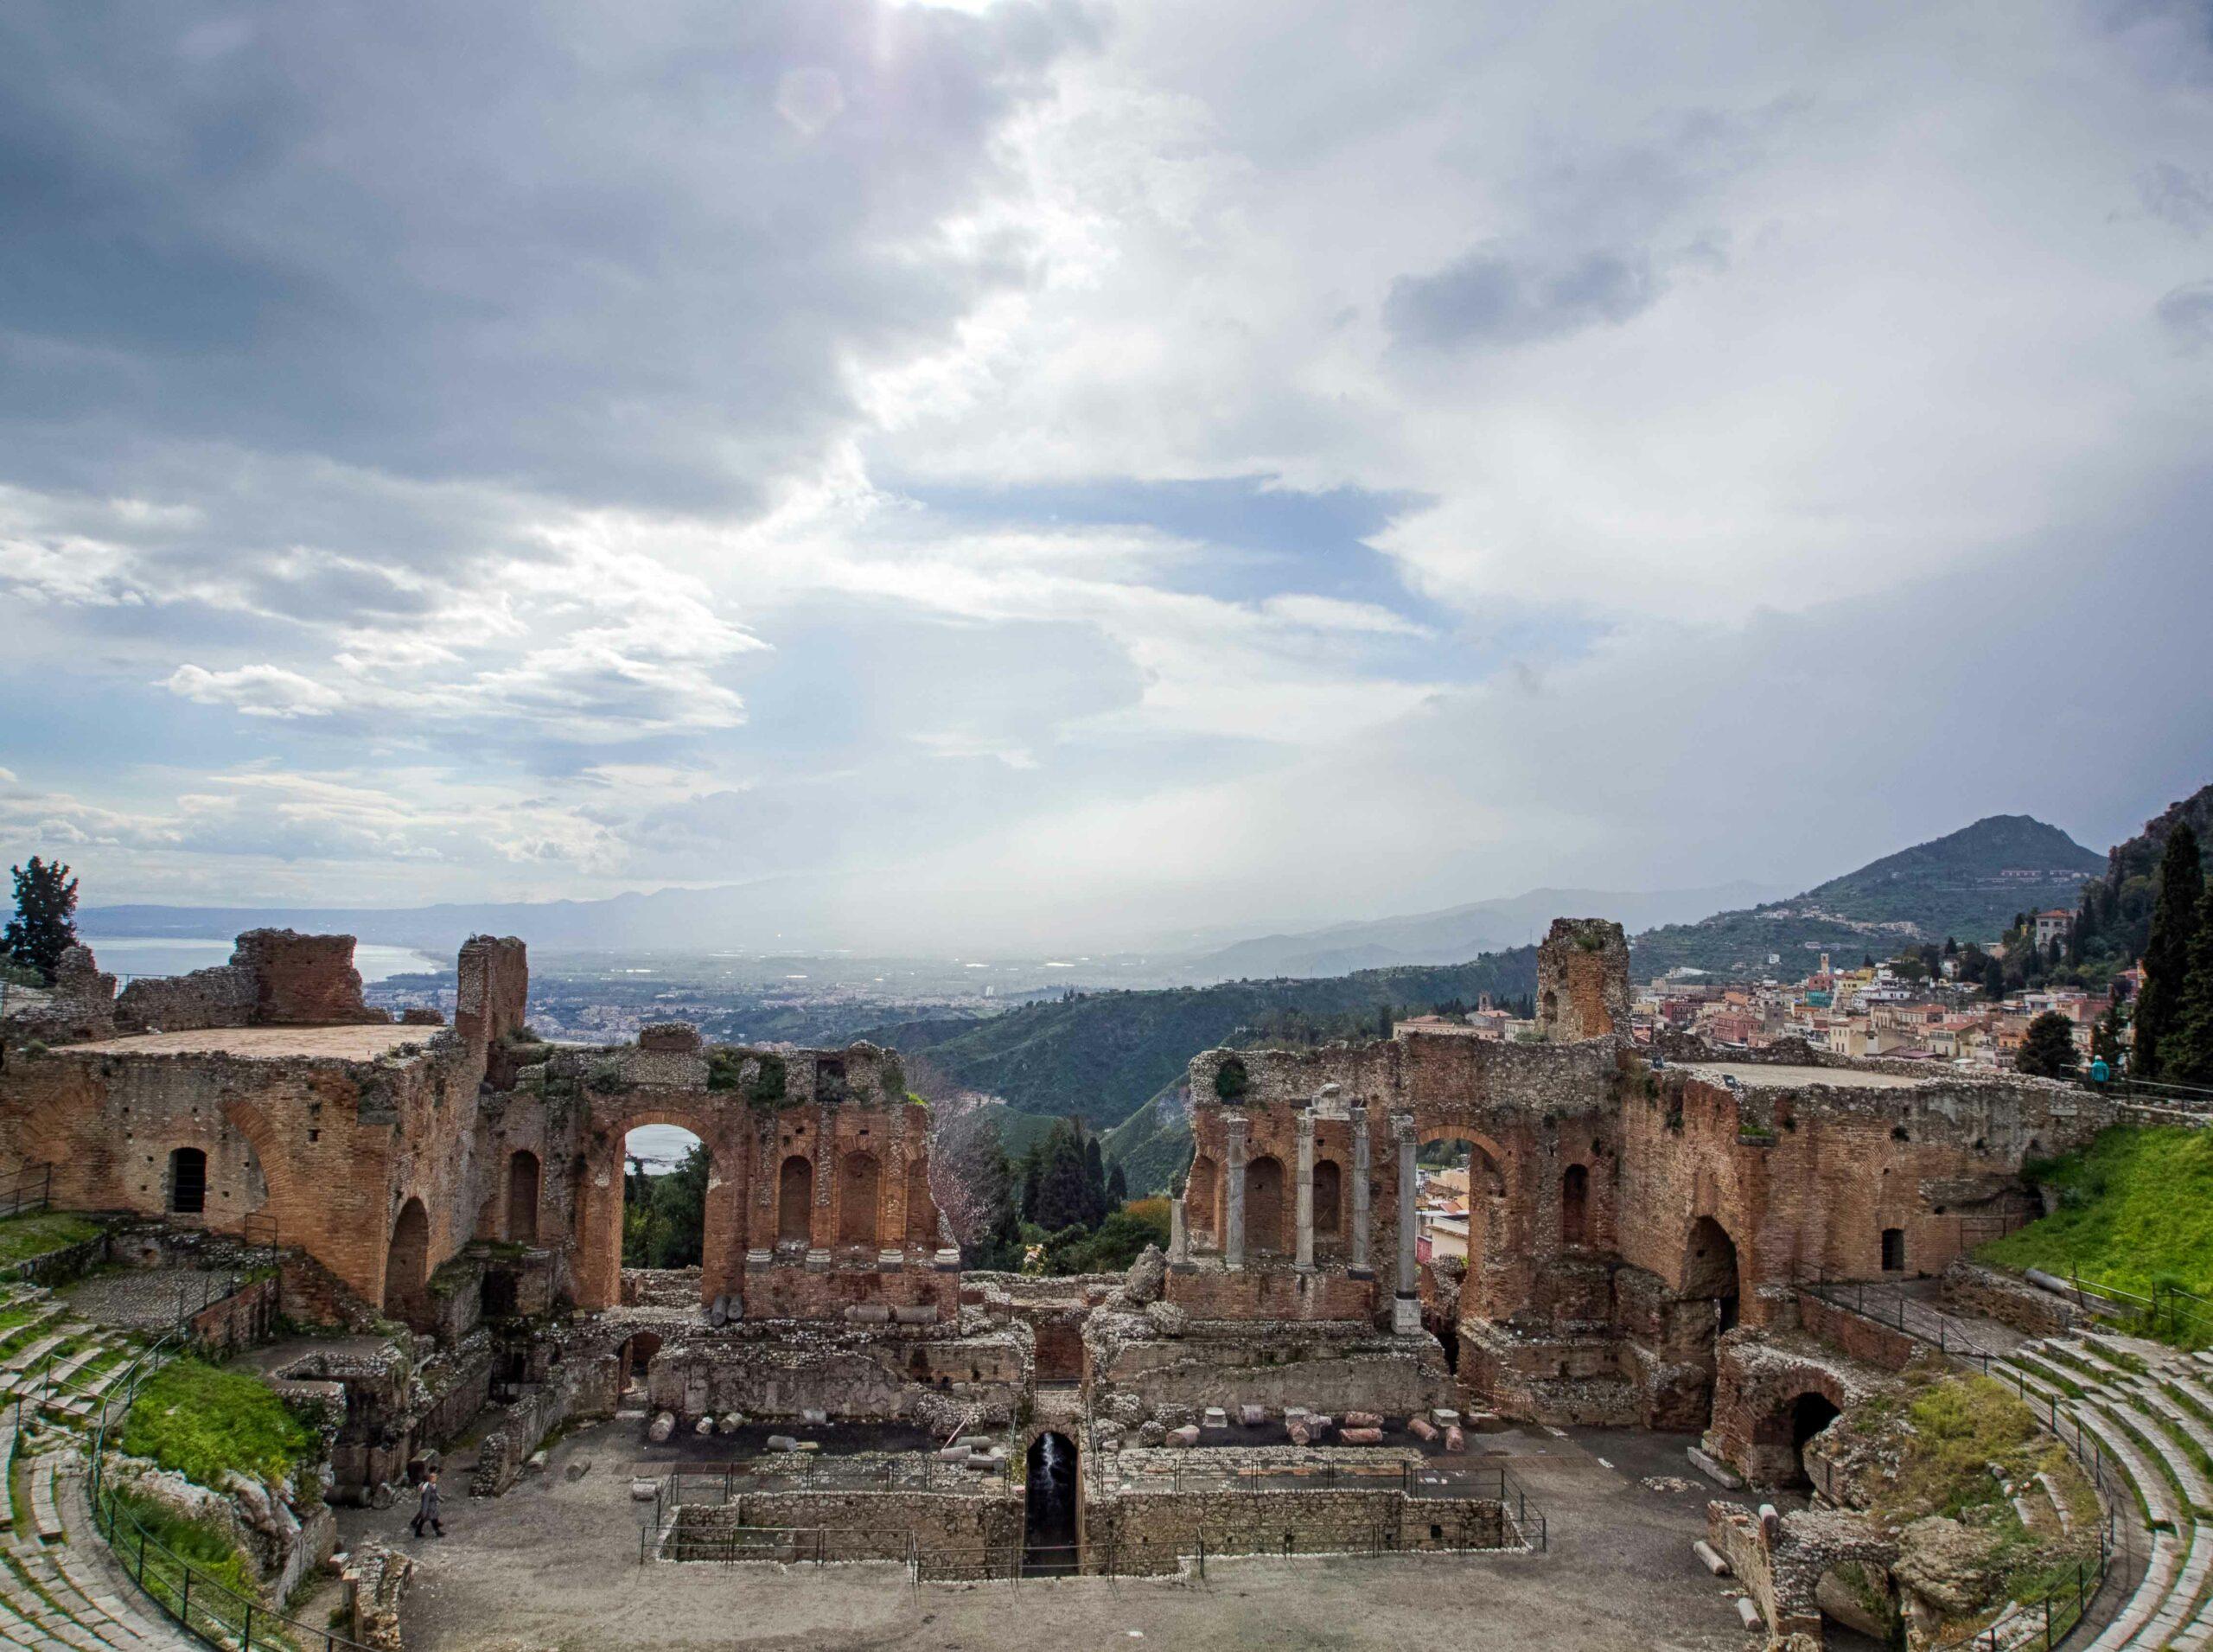 Canva---Greek-Theatre-at-Taormina